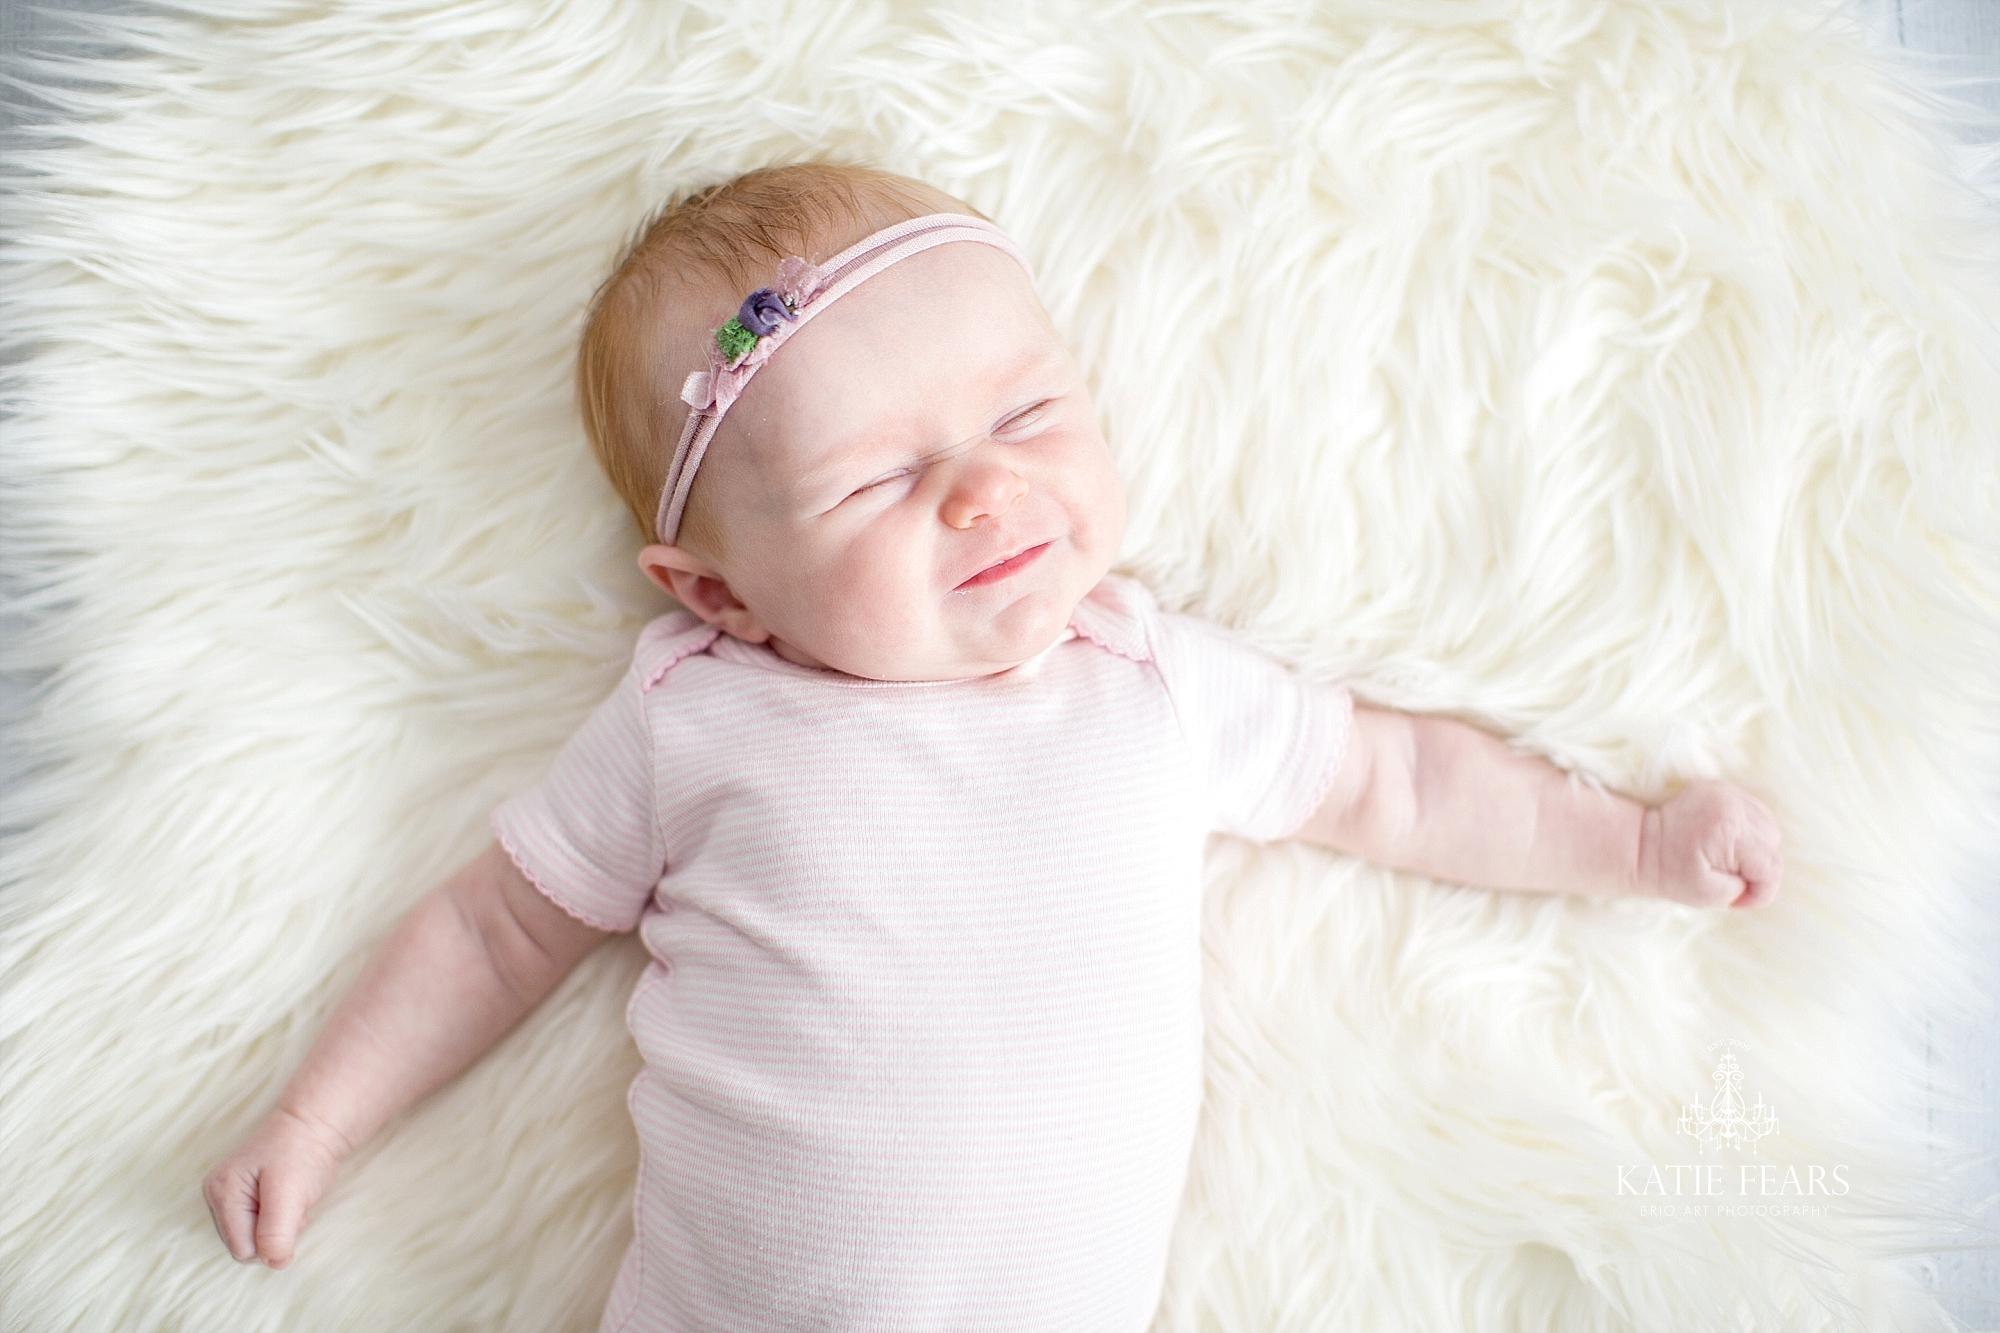 BrioArt-Katelyn 2 months-023_WEB.jpg